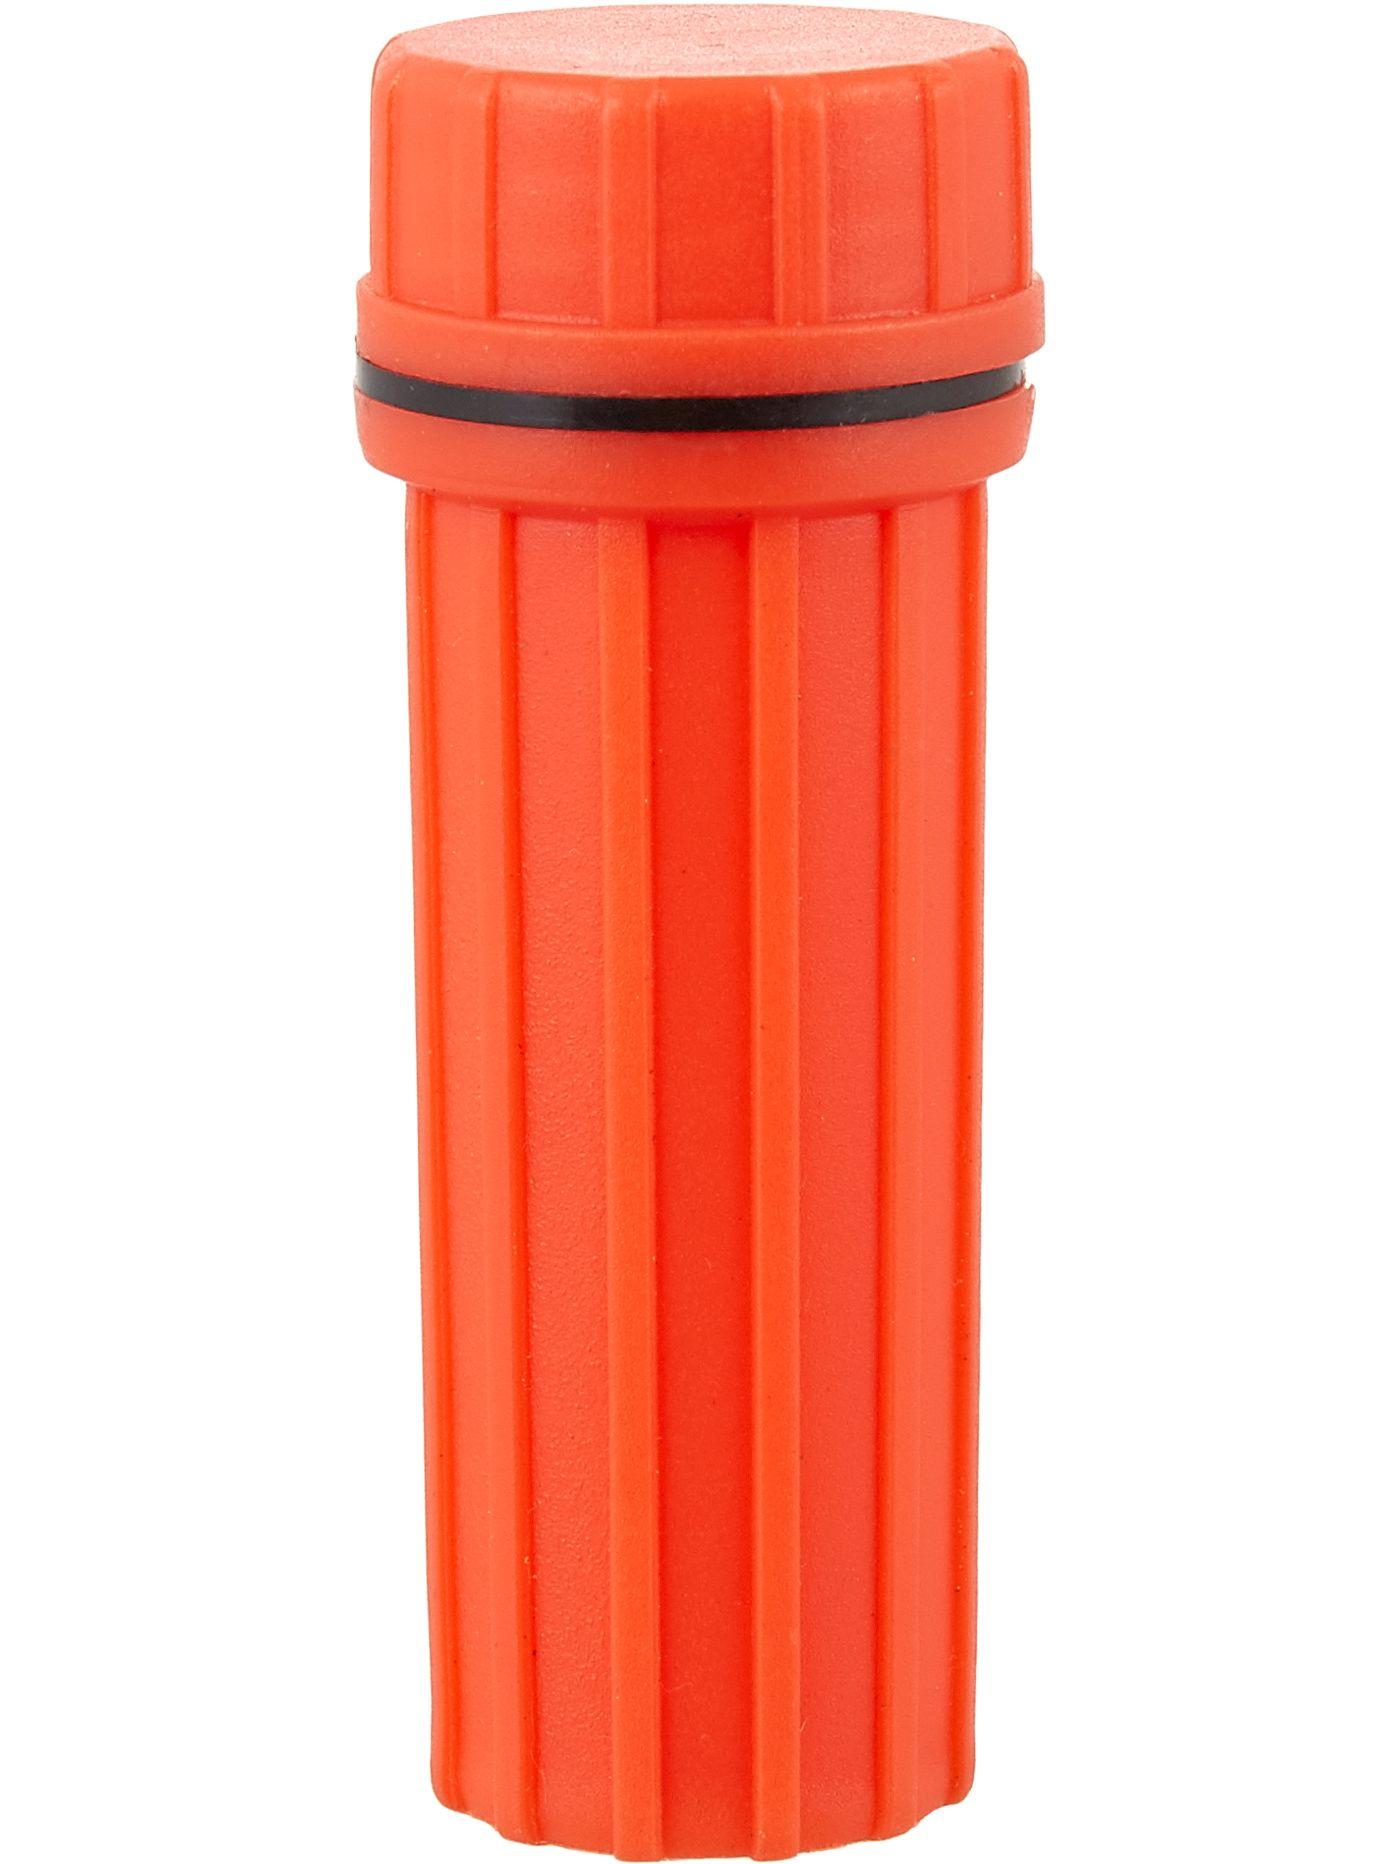 Field & Stream Waterproof Match Case